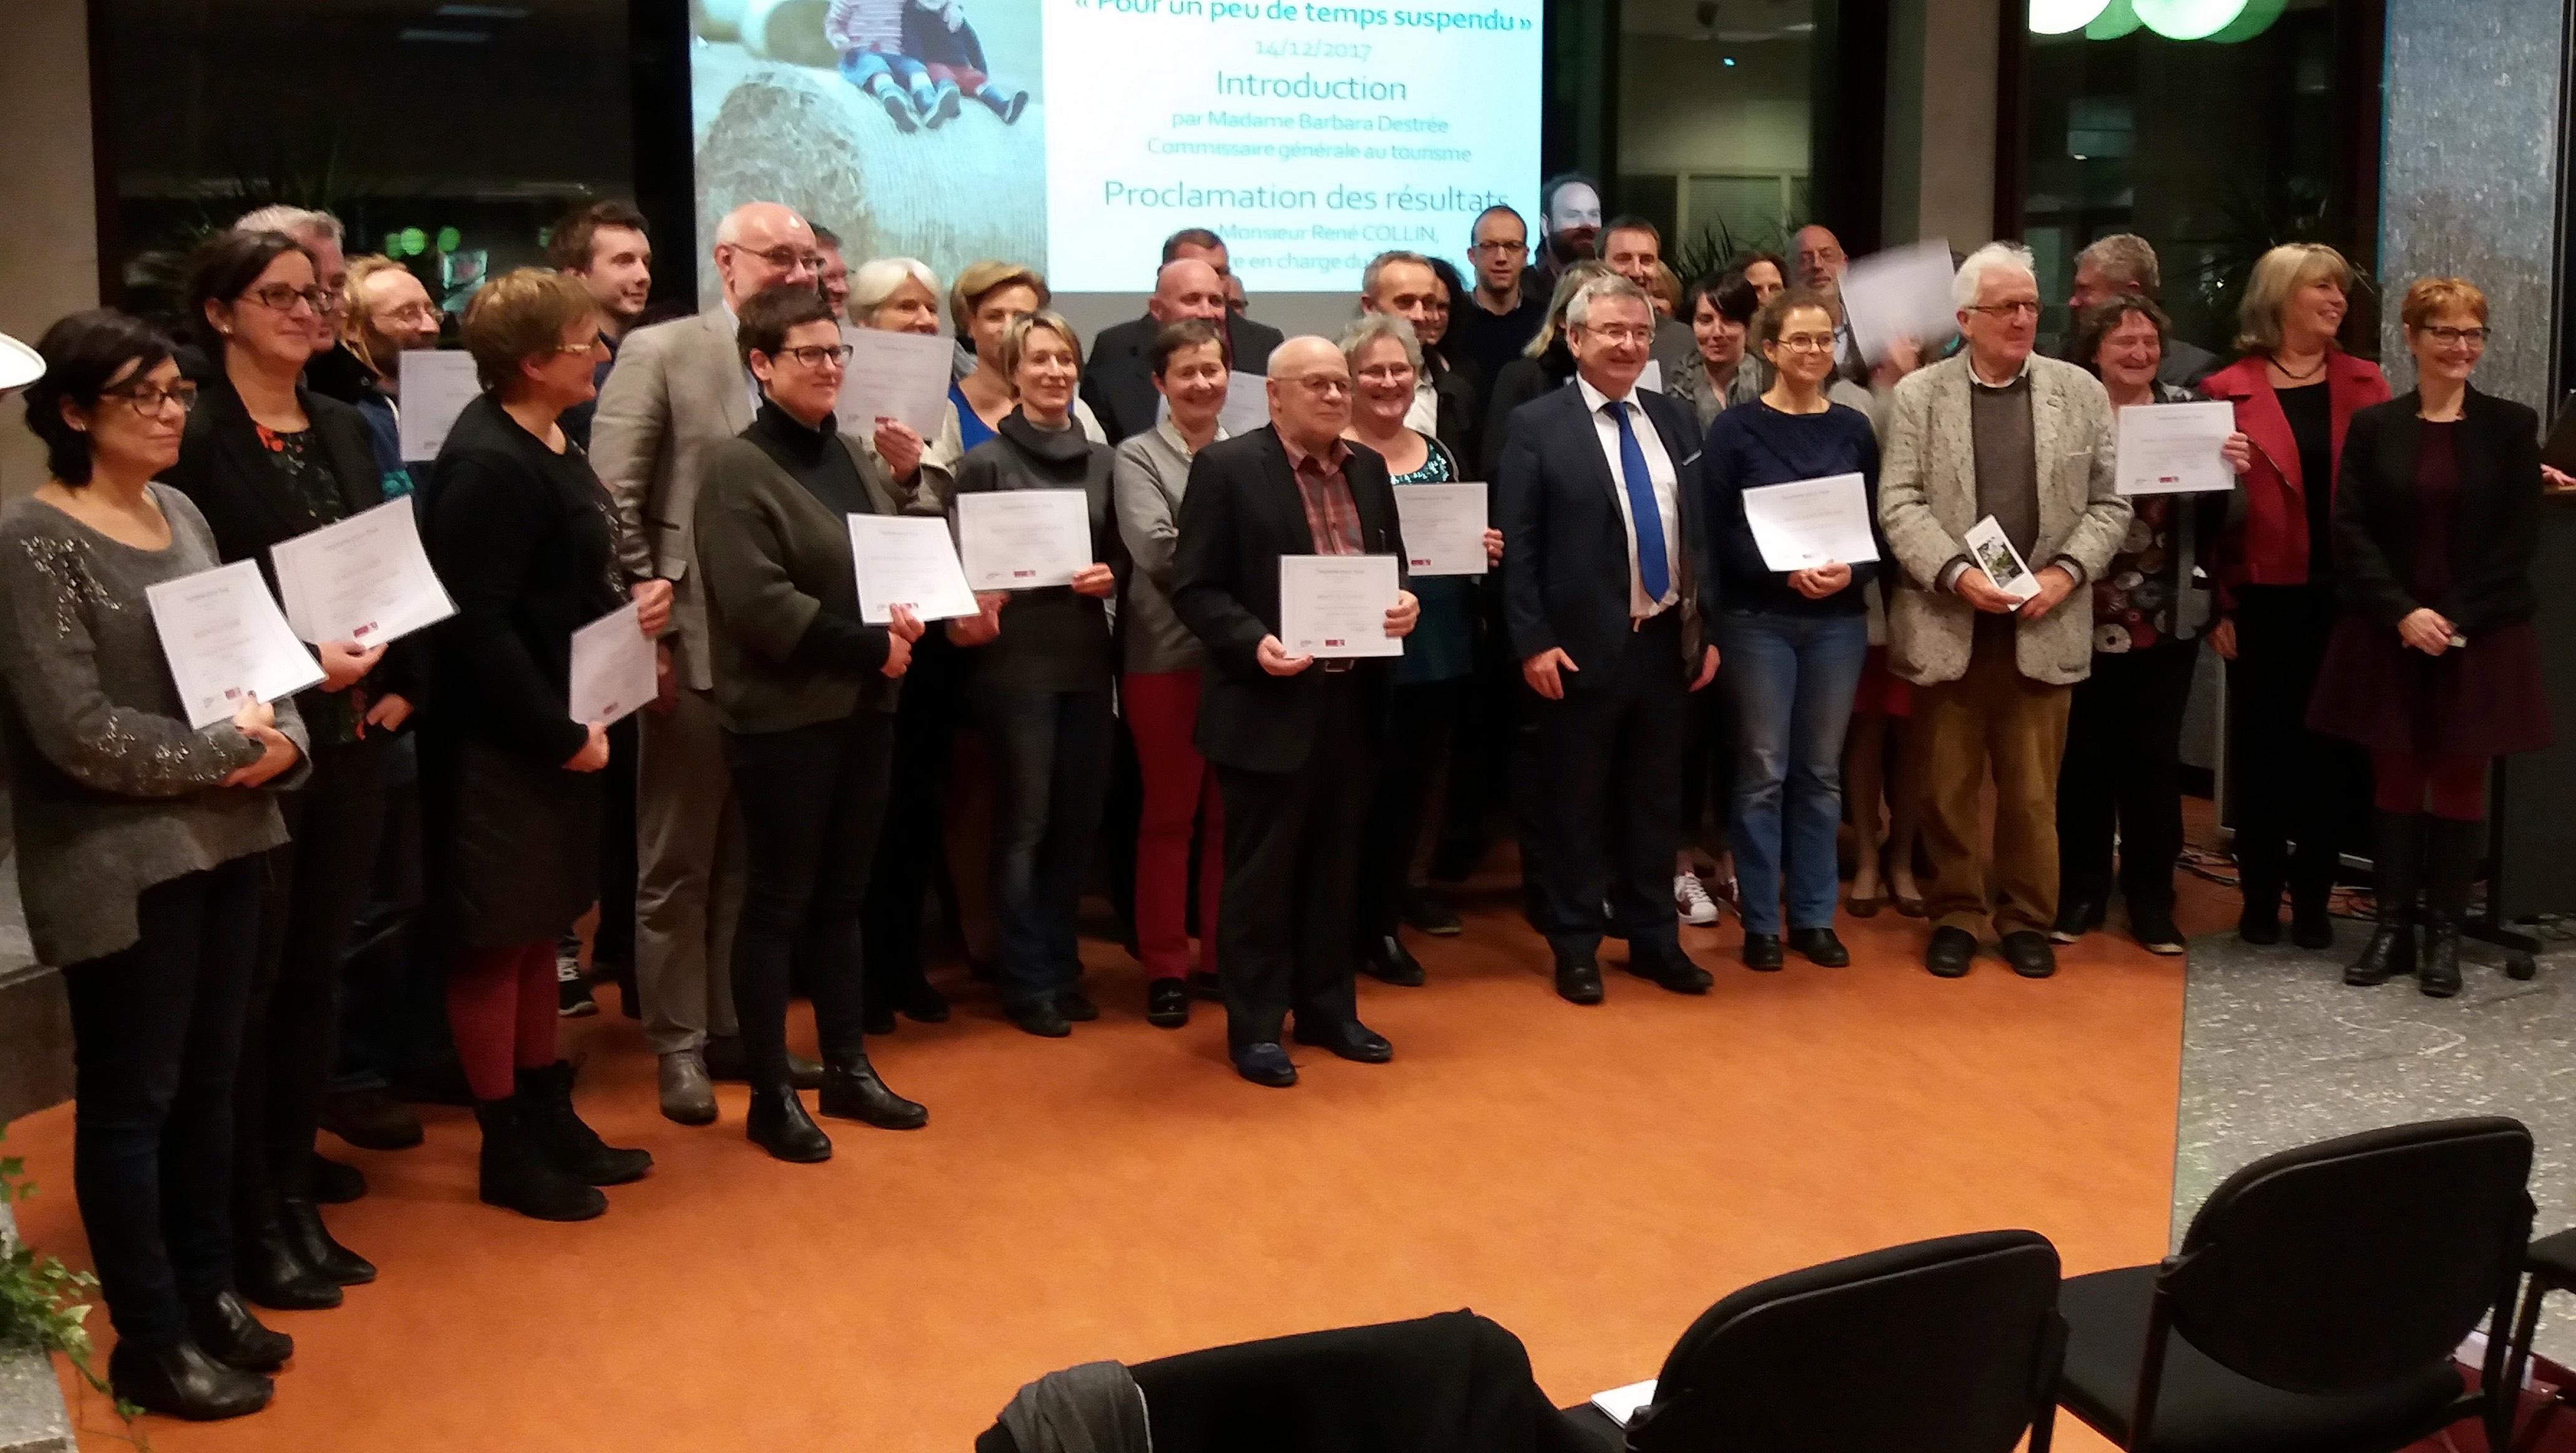 Renforcement de l'accessibilité au tourisme: 3 lauréats en Wallonie picarde